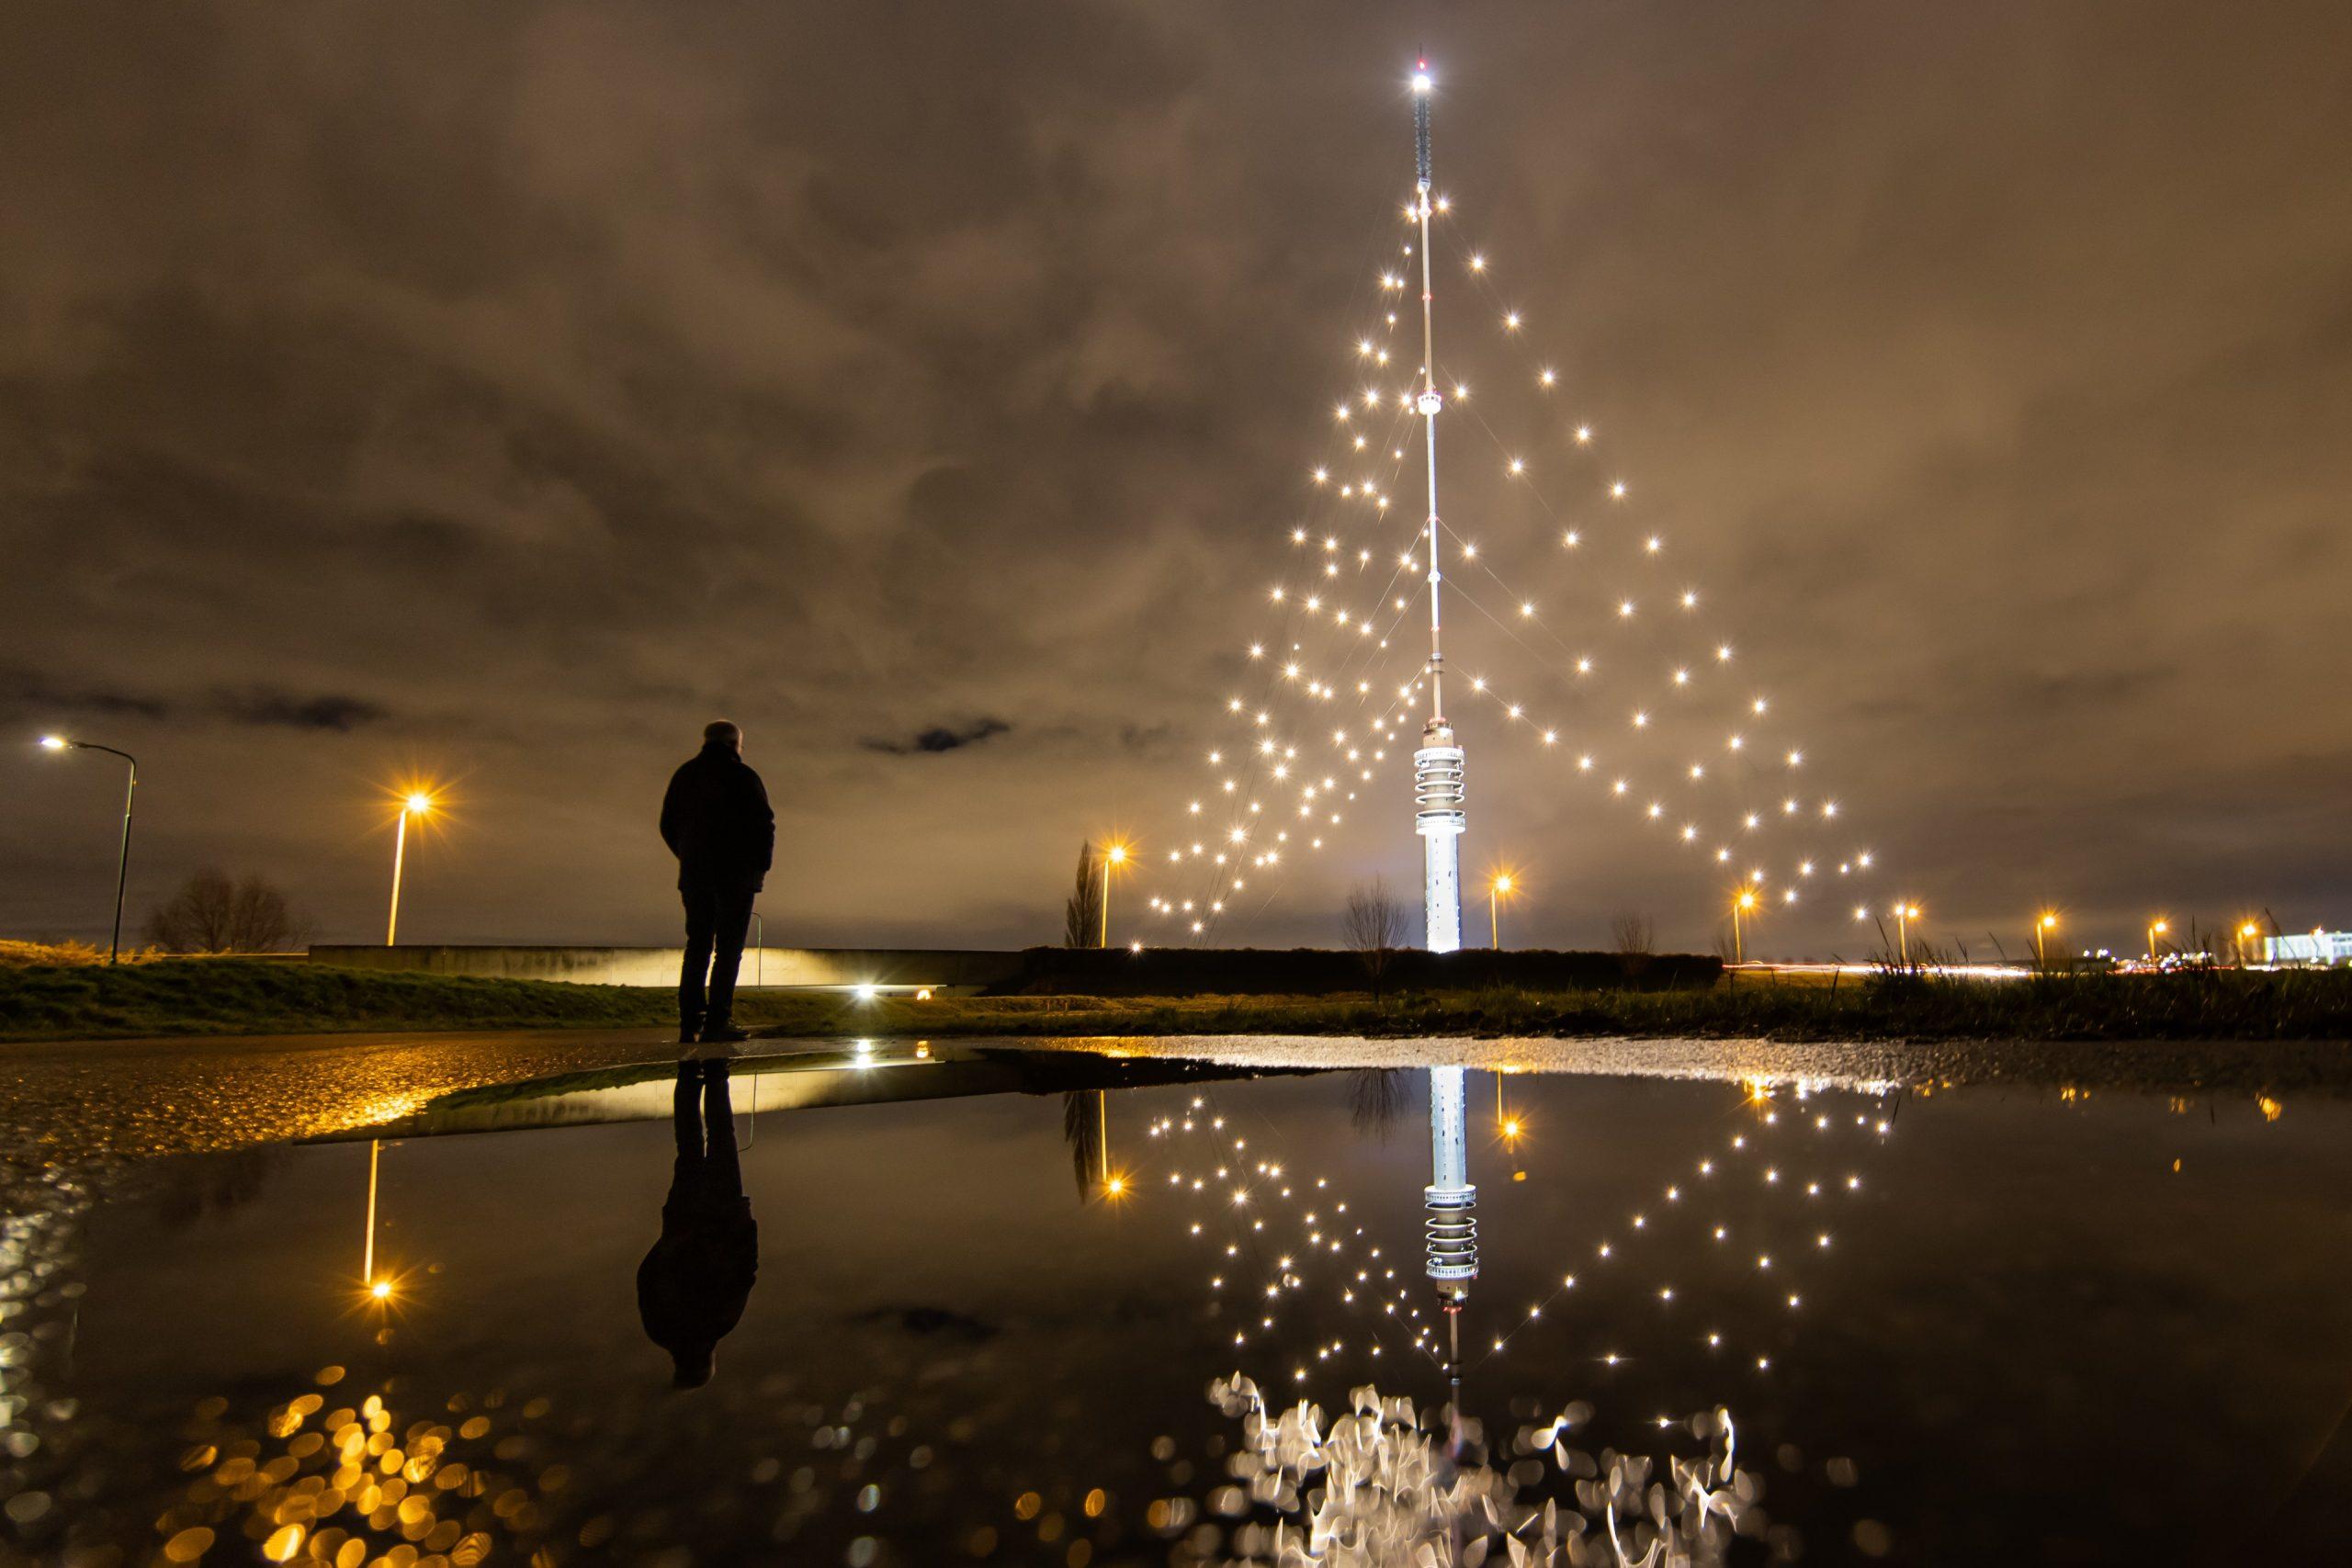 Nummer 3 Fotowedstrijd IJsselstein 2019 - Peter van Haastrecht - Een andere kijk op de mast